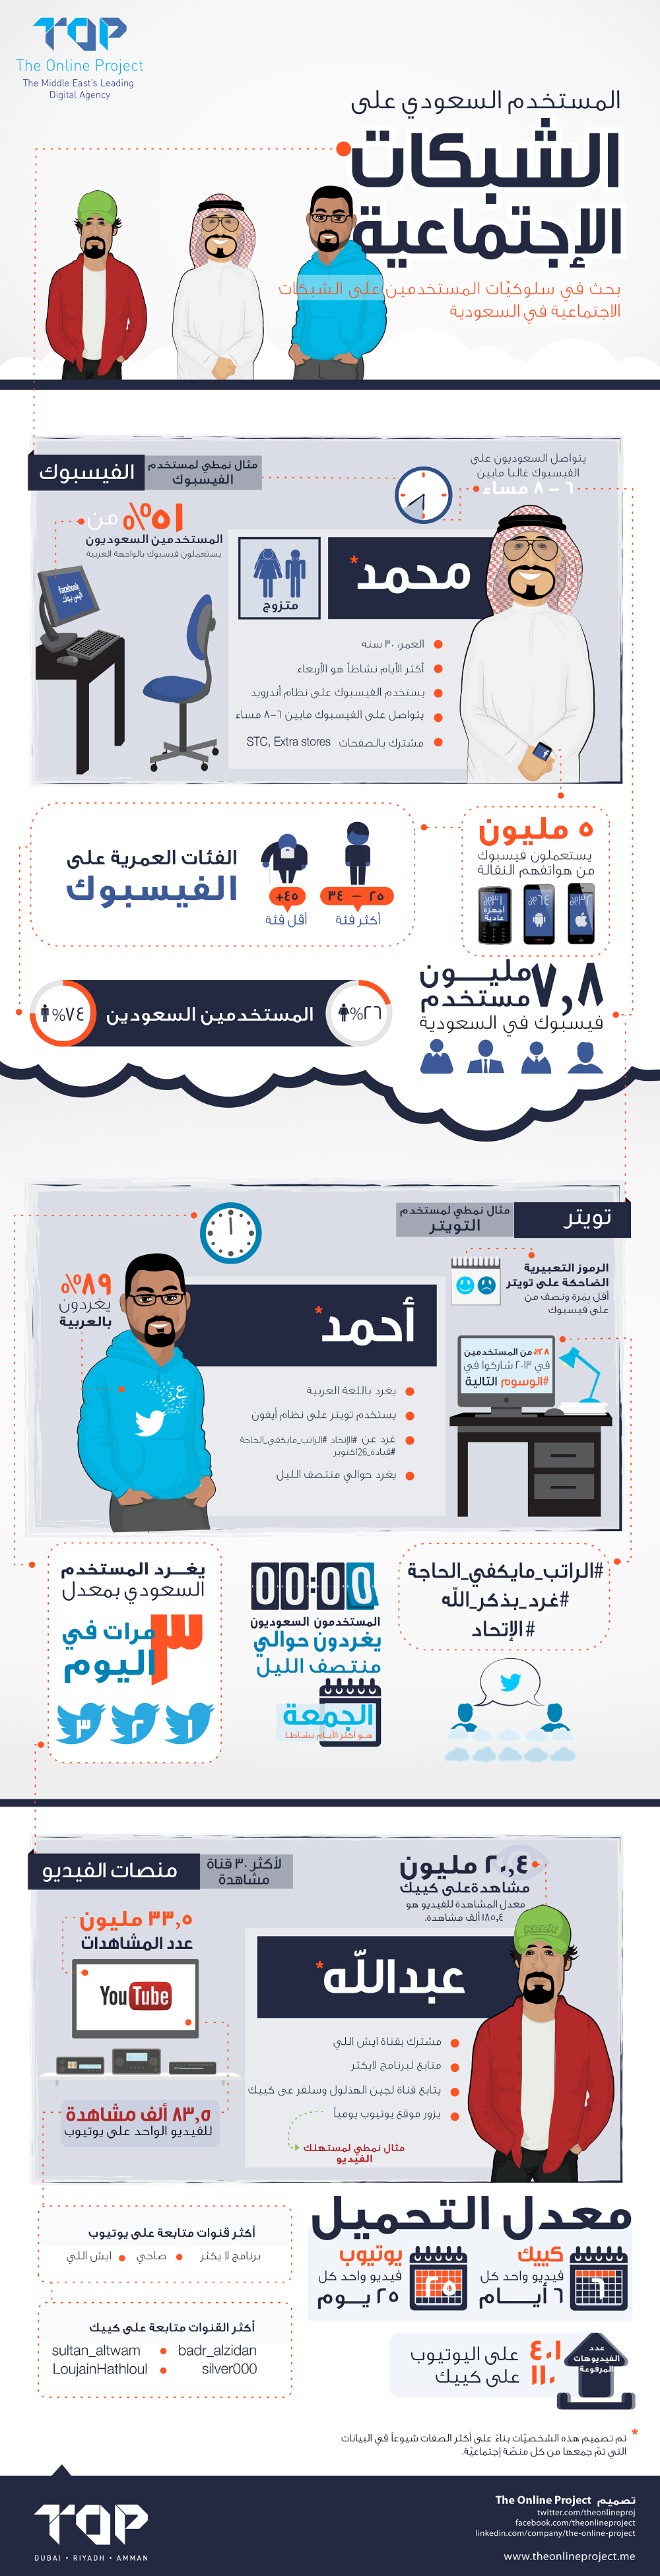 السعودي في الشبكات الإجتماعية